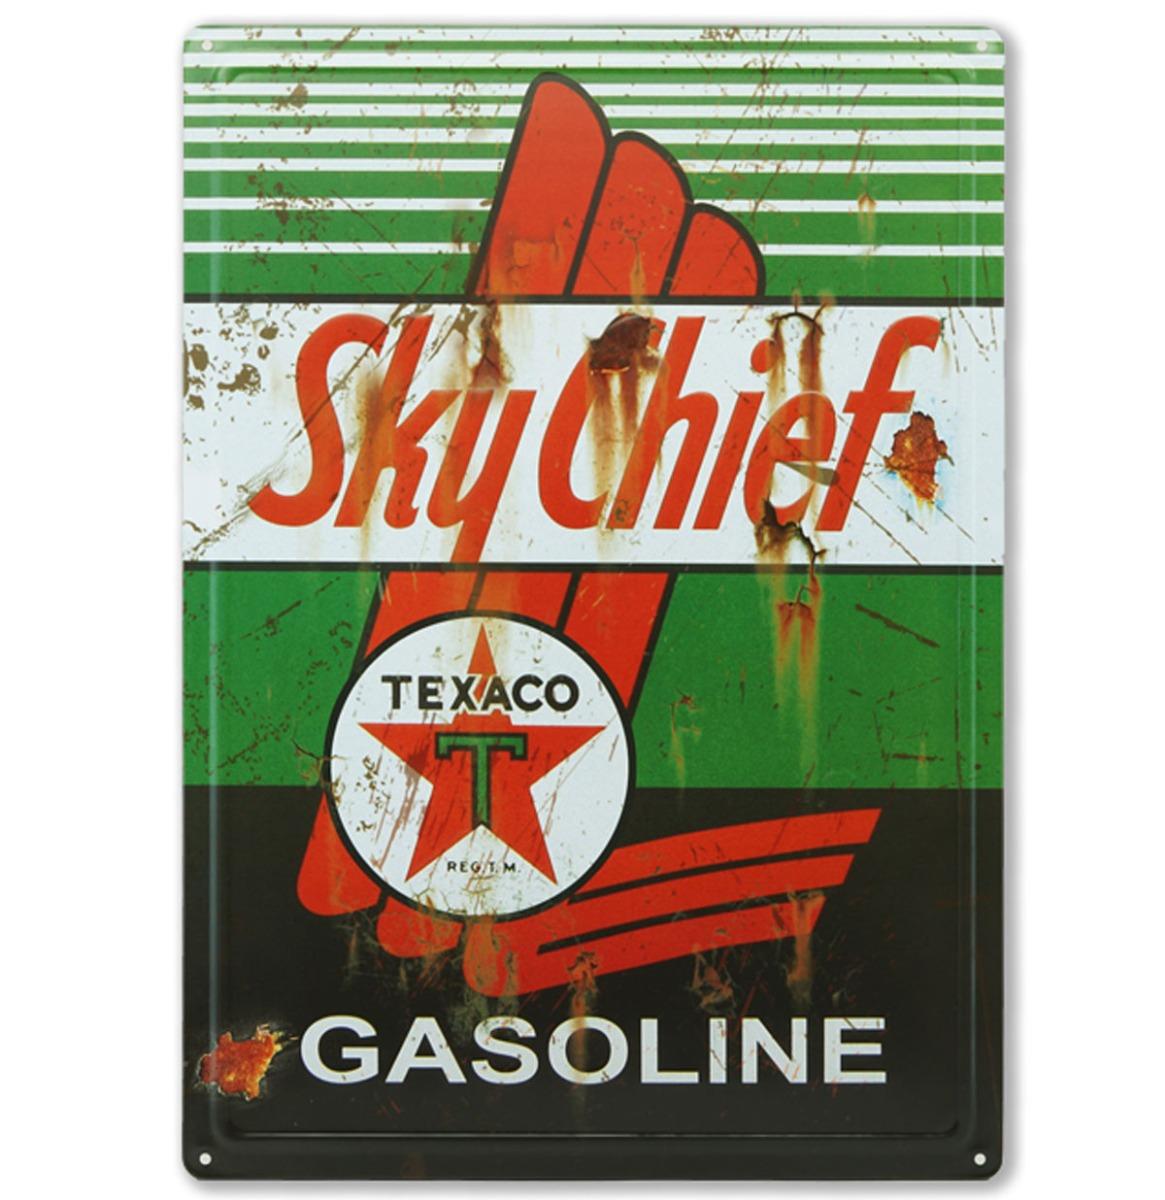 Texaco Sky Chief Gasoline Metalen Bord Met Reliëf - 43 x 31 cm